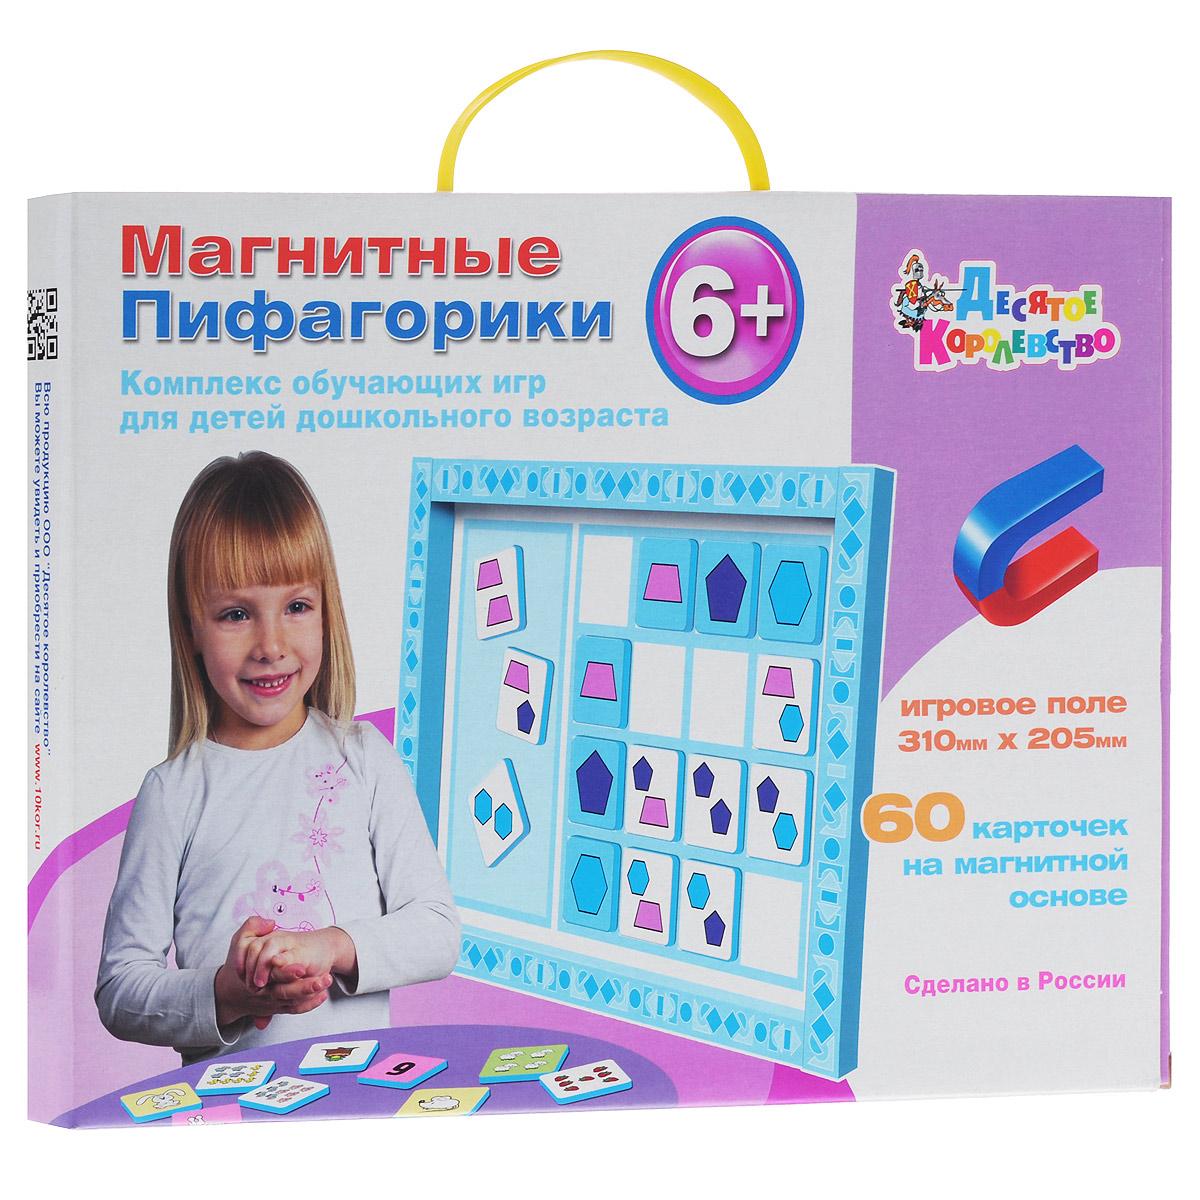 Набор обучающих карточек Десятое королевство Магнитные пифагорики №401499Набор обучающих карточек Десятое королевство Магнитные пифагорики №4 - это четвёртая ступень уникальной развивающей игры Пифагорики, предназначенная для дошкольников старшего возраста. Комплект включает в себя игровое поле, 60 магнитных карточек из мягкого вспененного полимера и подробную инструкцию на русском языке. Карточки оформлены красочными изображениями животных и геометрических фигур. Набор совместим с другими наборами карточек Магнитные пифагорики. Благодаря этому набору, ребенок сможет освоить навыки обратного и прямого счета и математические действия с числами. Игра познакомит малыша со сложными геометрическими фигурами - трапецией, пятиугольником, шестиугольником и еще тремя цветами. В процессе обучения объясняется смысл предлогов - на, за, перед. Ребенок в наглядной форме научится объединять предметы по цвету или по форме, соотносить их между собой, находить сходства и различия. Игра с таким набором - это хорошая подготовка к восприятию...